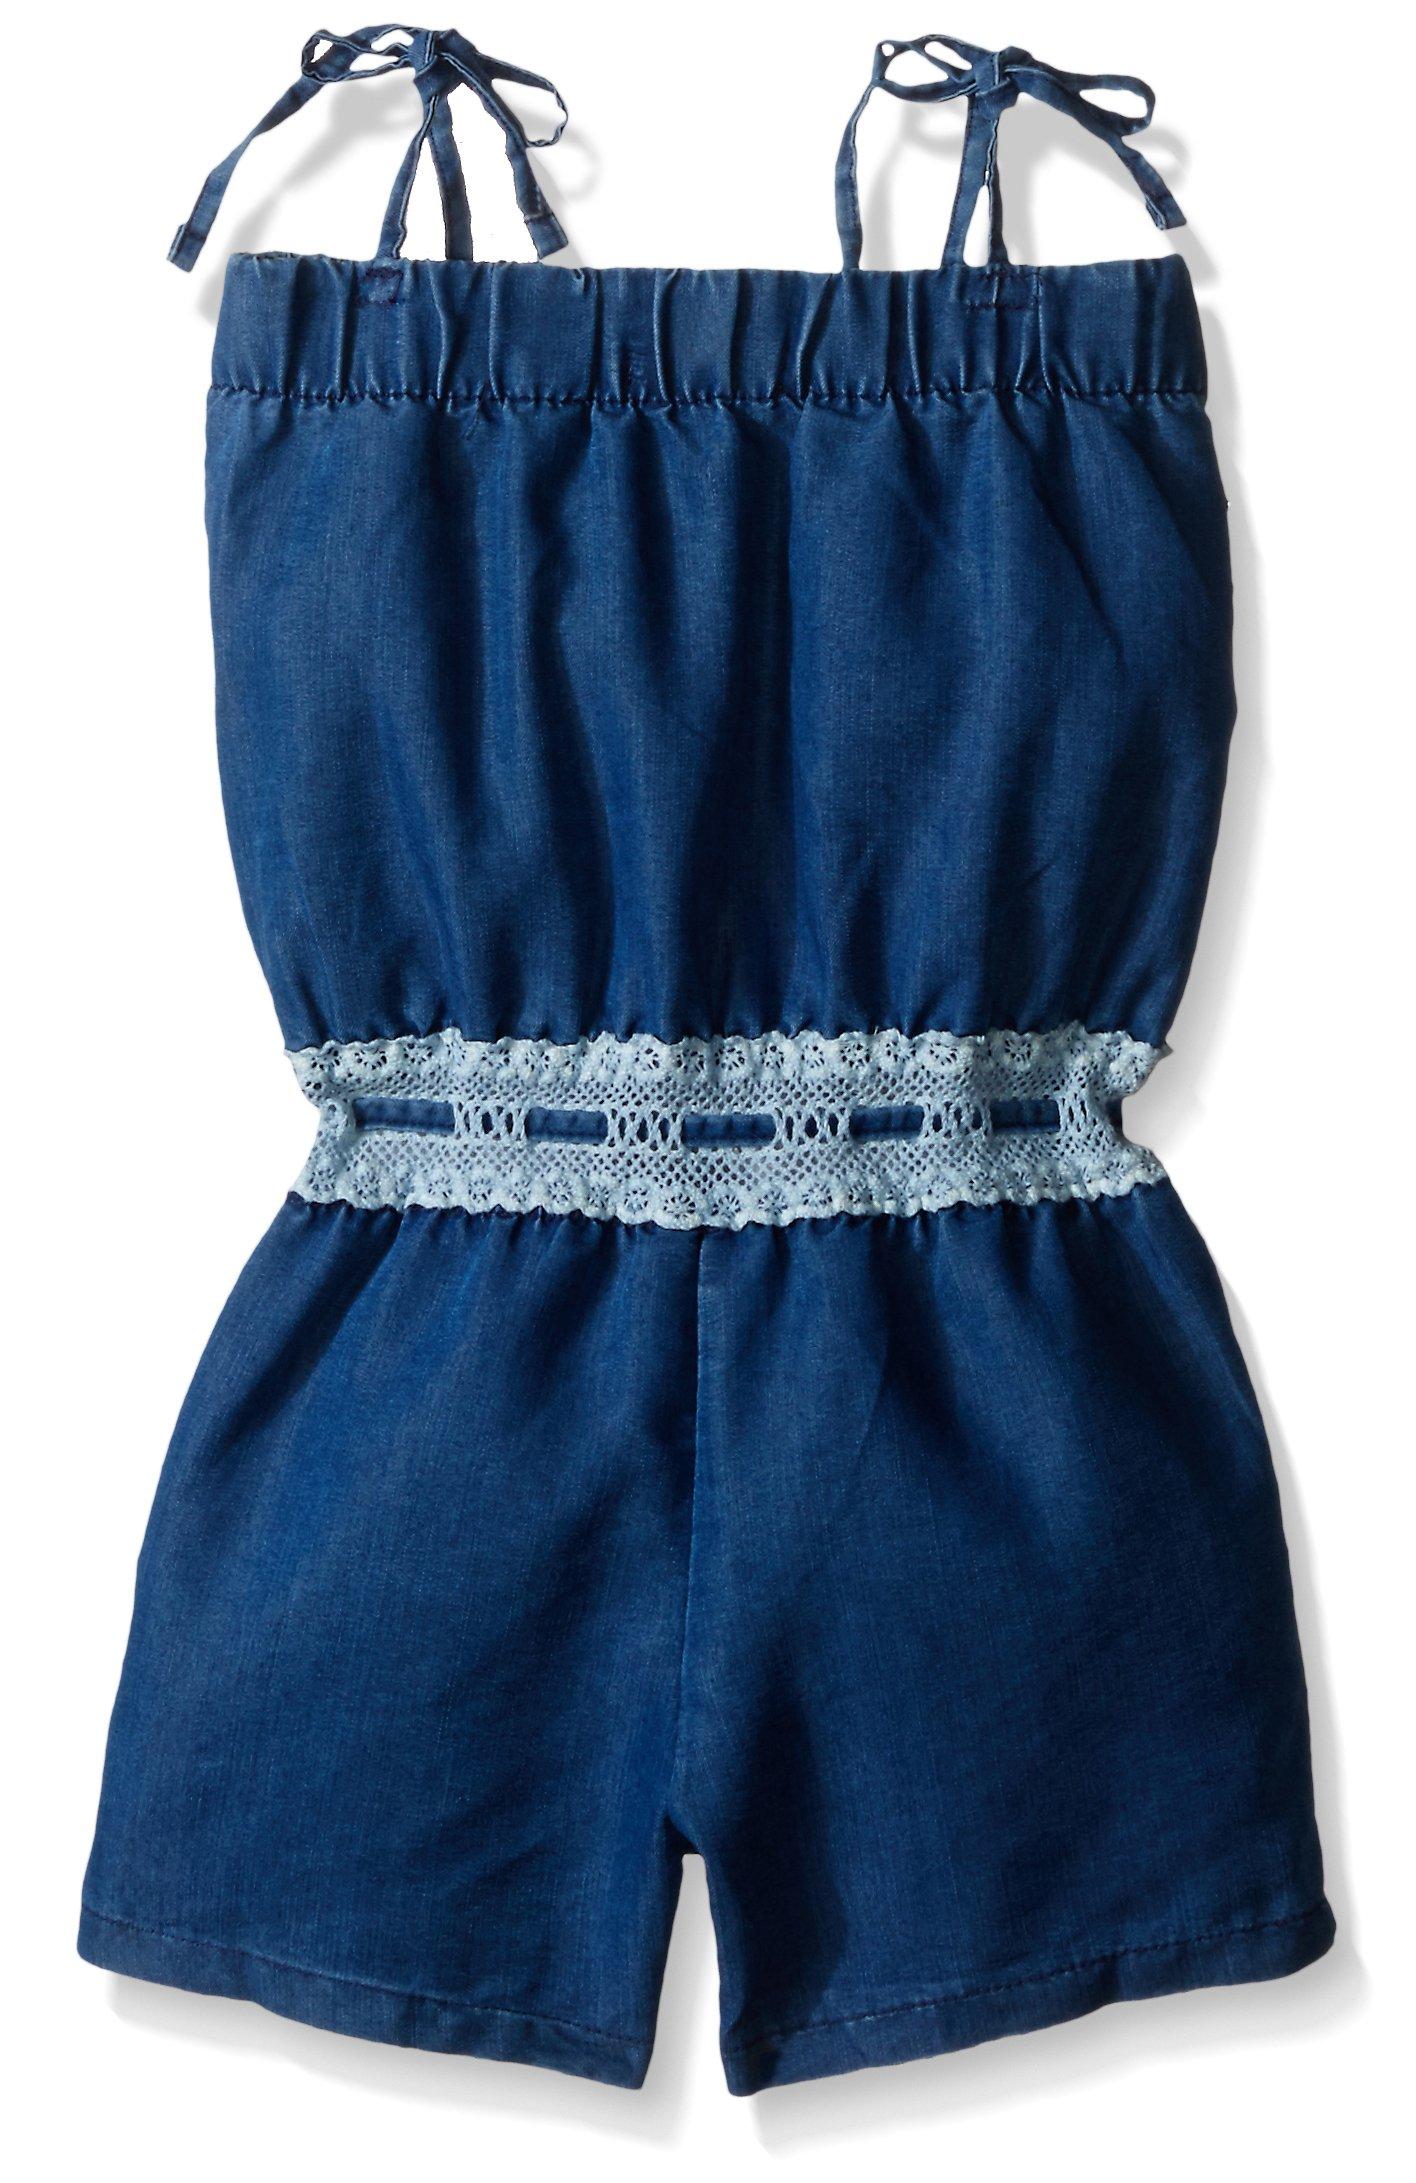 kensie Girls' Short Romper, 1322-Medium Blue Denim, 5/6 by kensie (Image #2)